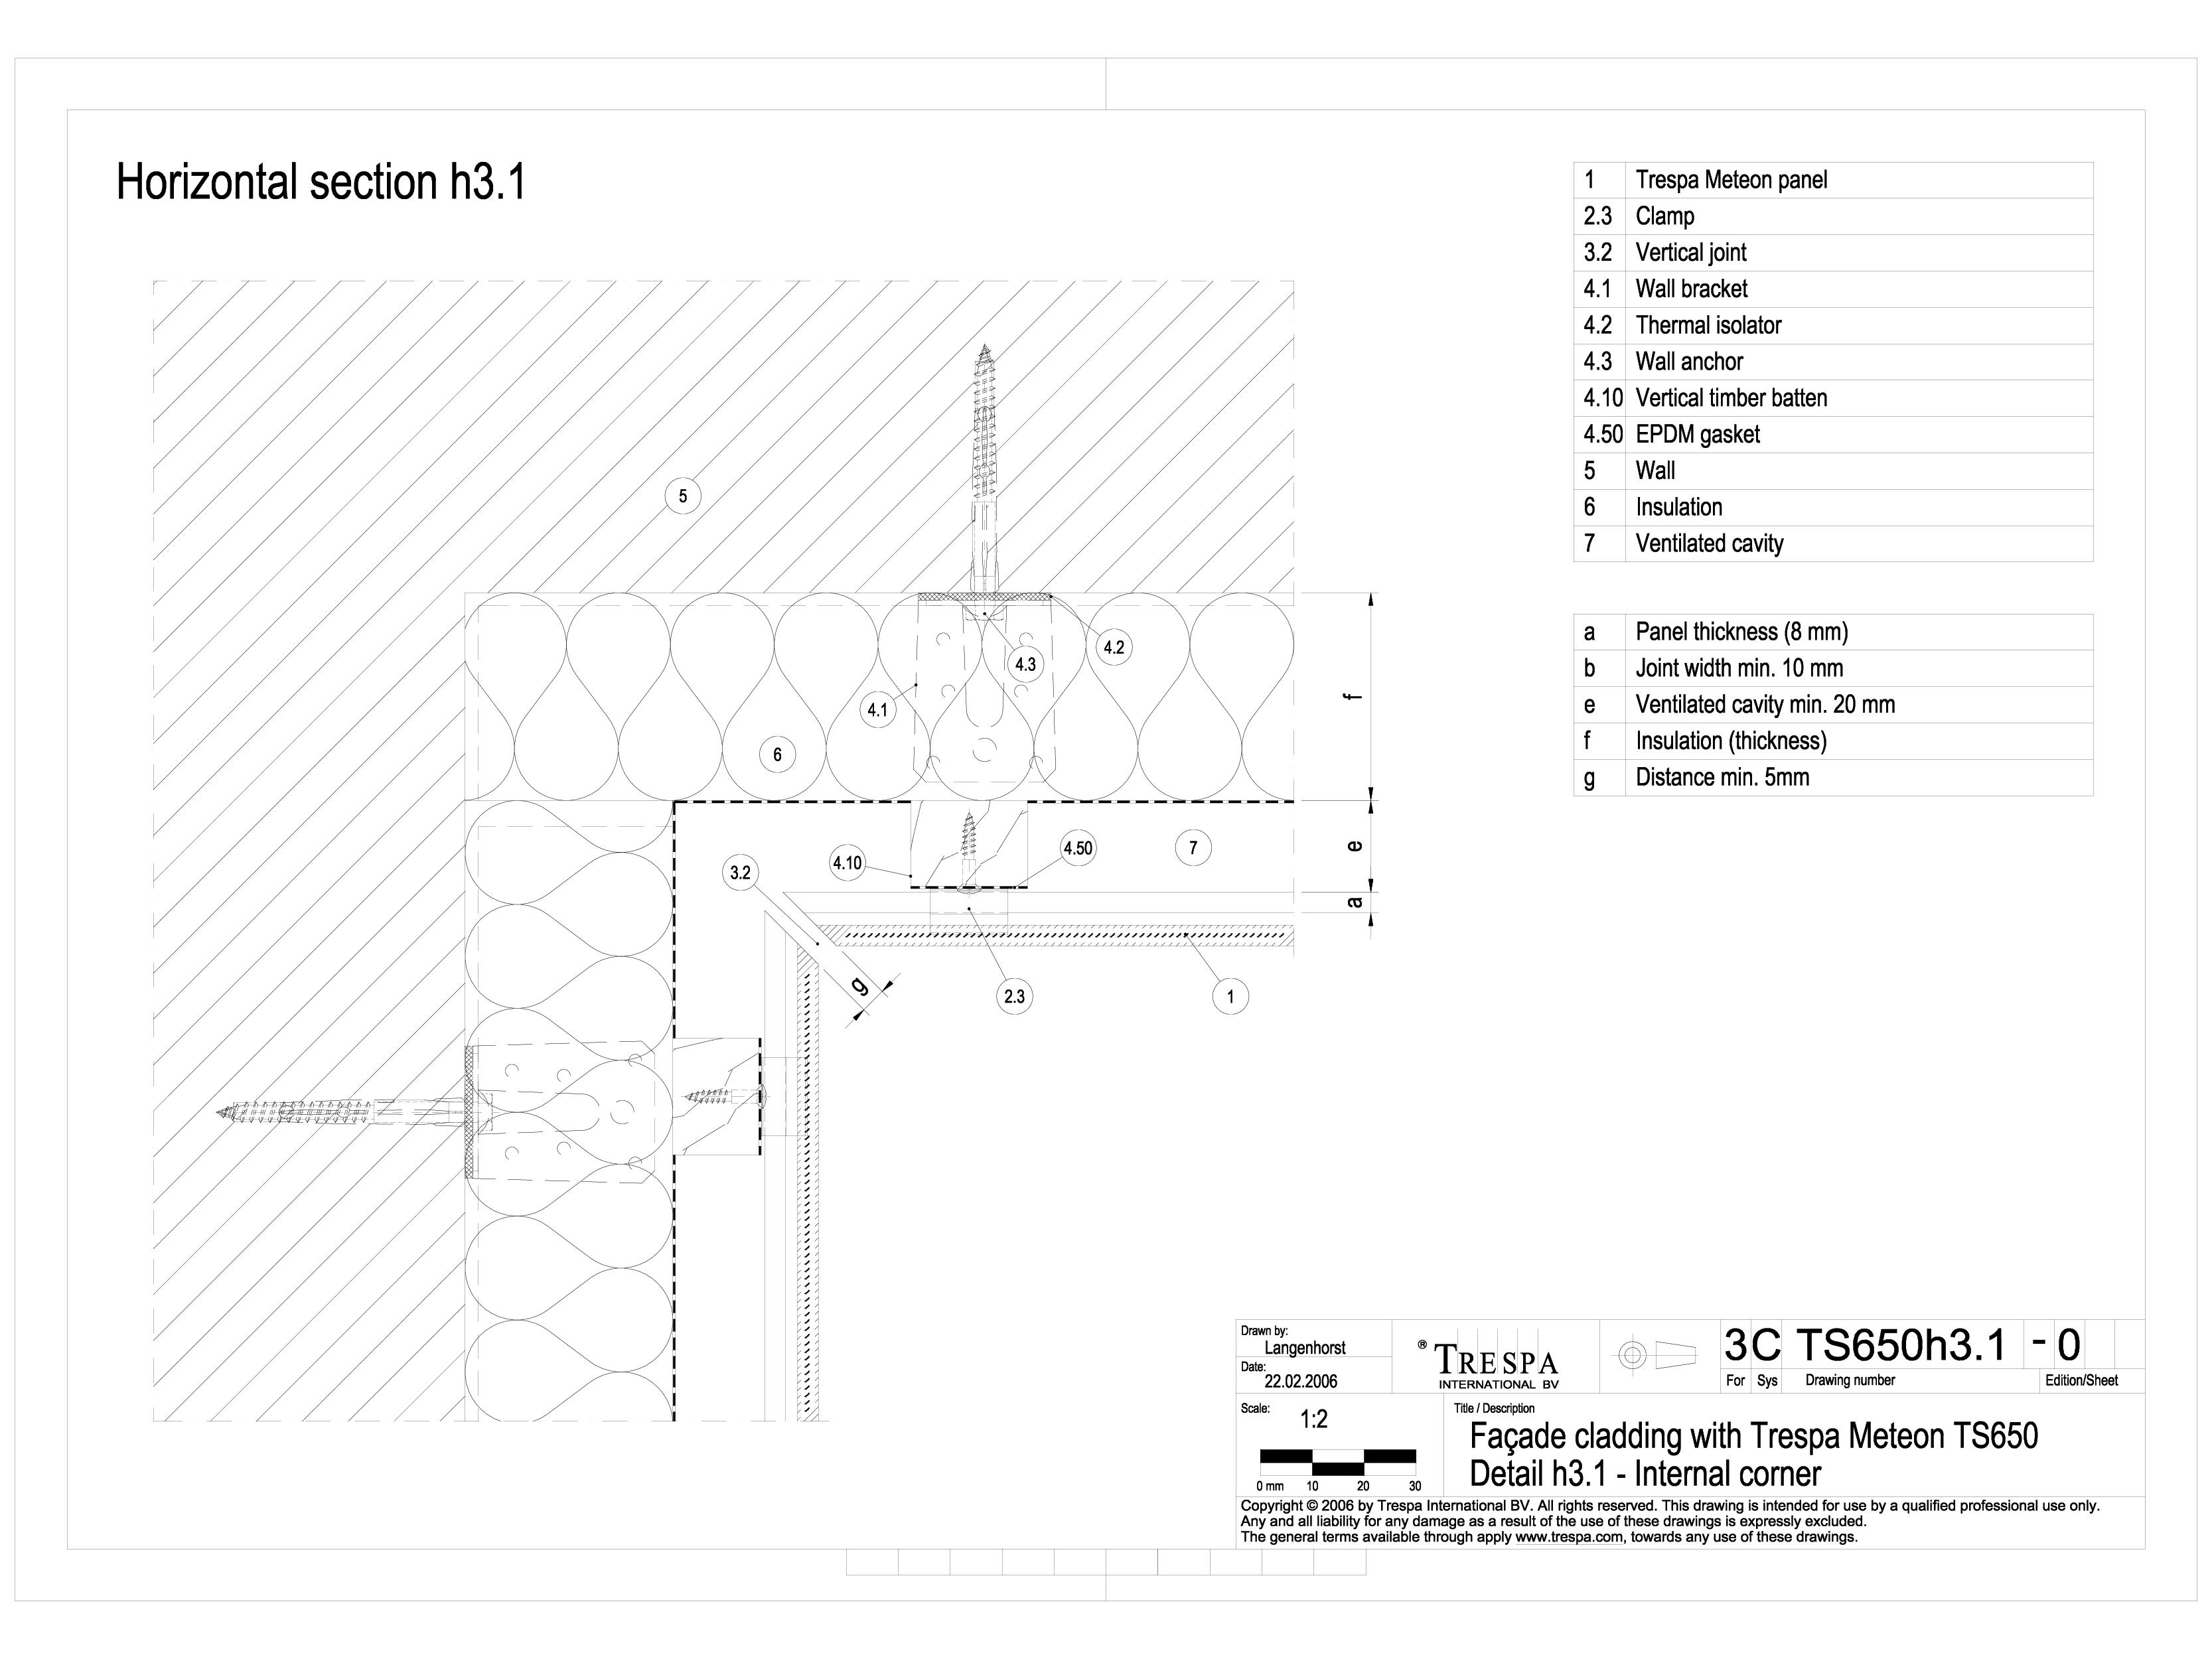 Sisteme de prindere fatade ventilate cu clame, detaliu colt interior METEON TRESPA Placi HPL pentru fatade ventilate GIBB TECHNOLOGIES  - Pagina 1